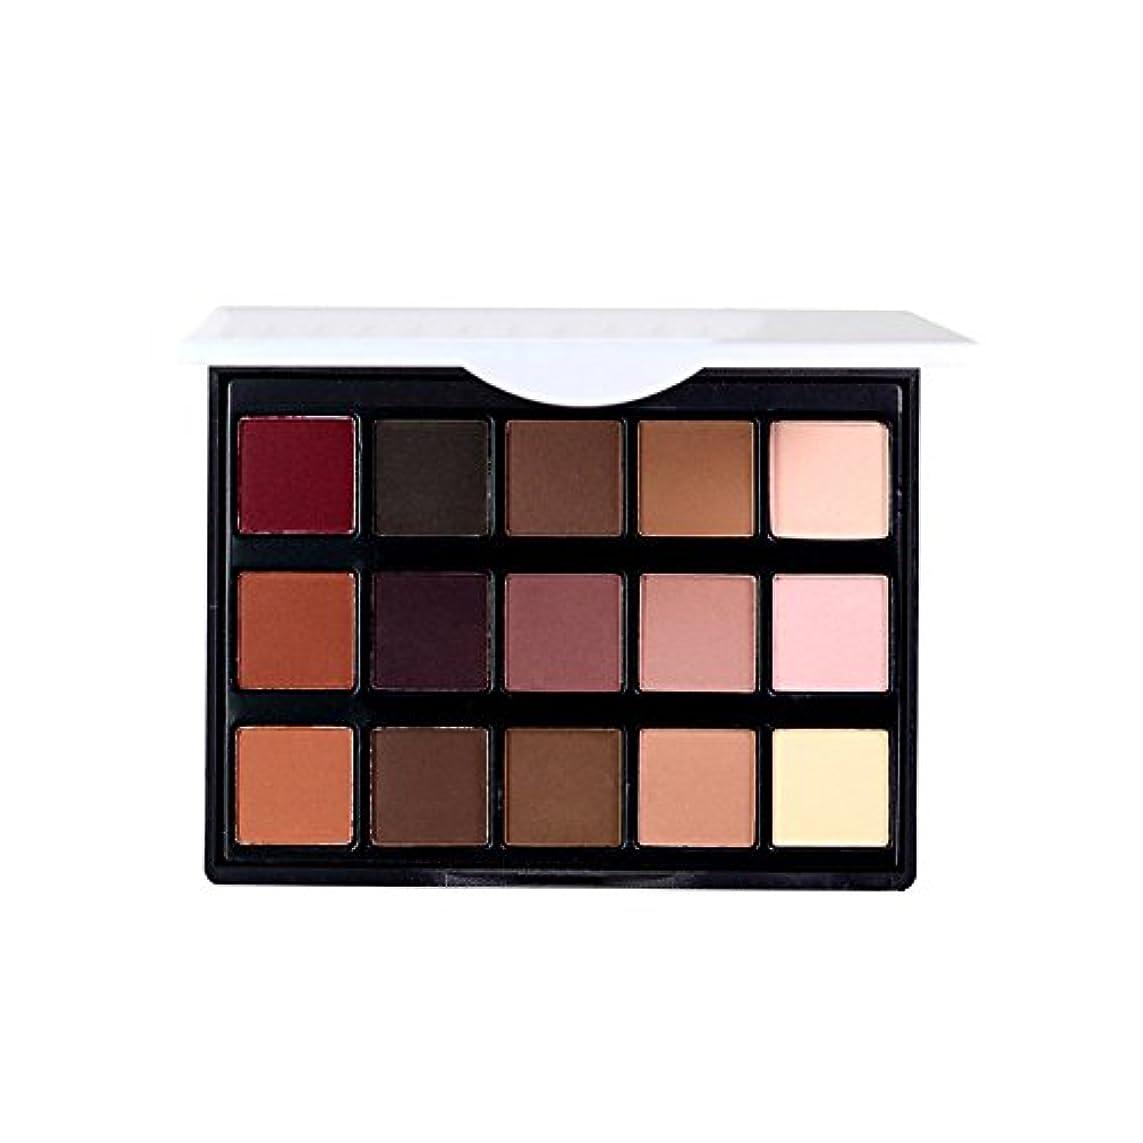 幻滅スケジュールゆるく女性 プロフェッショナル15色 眼 影 化粧品 パレット アイシャドウ アイメイク アップ化粧品 1